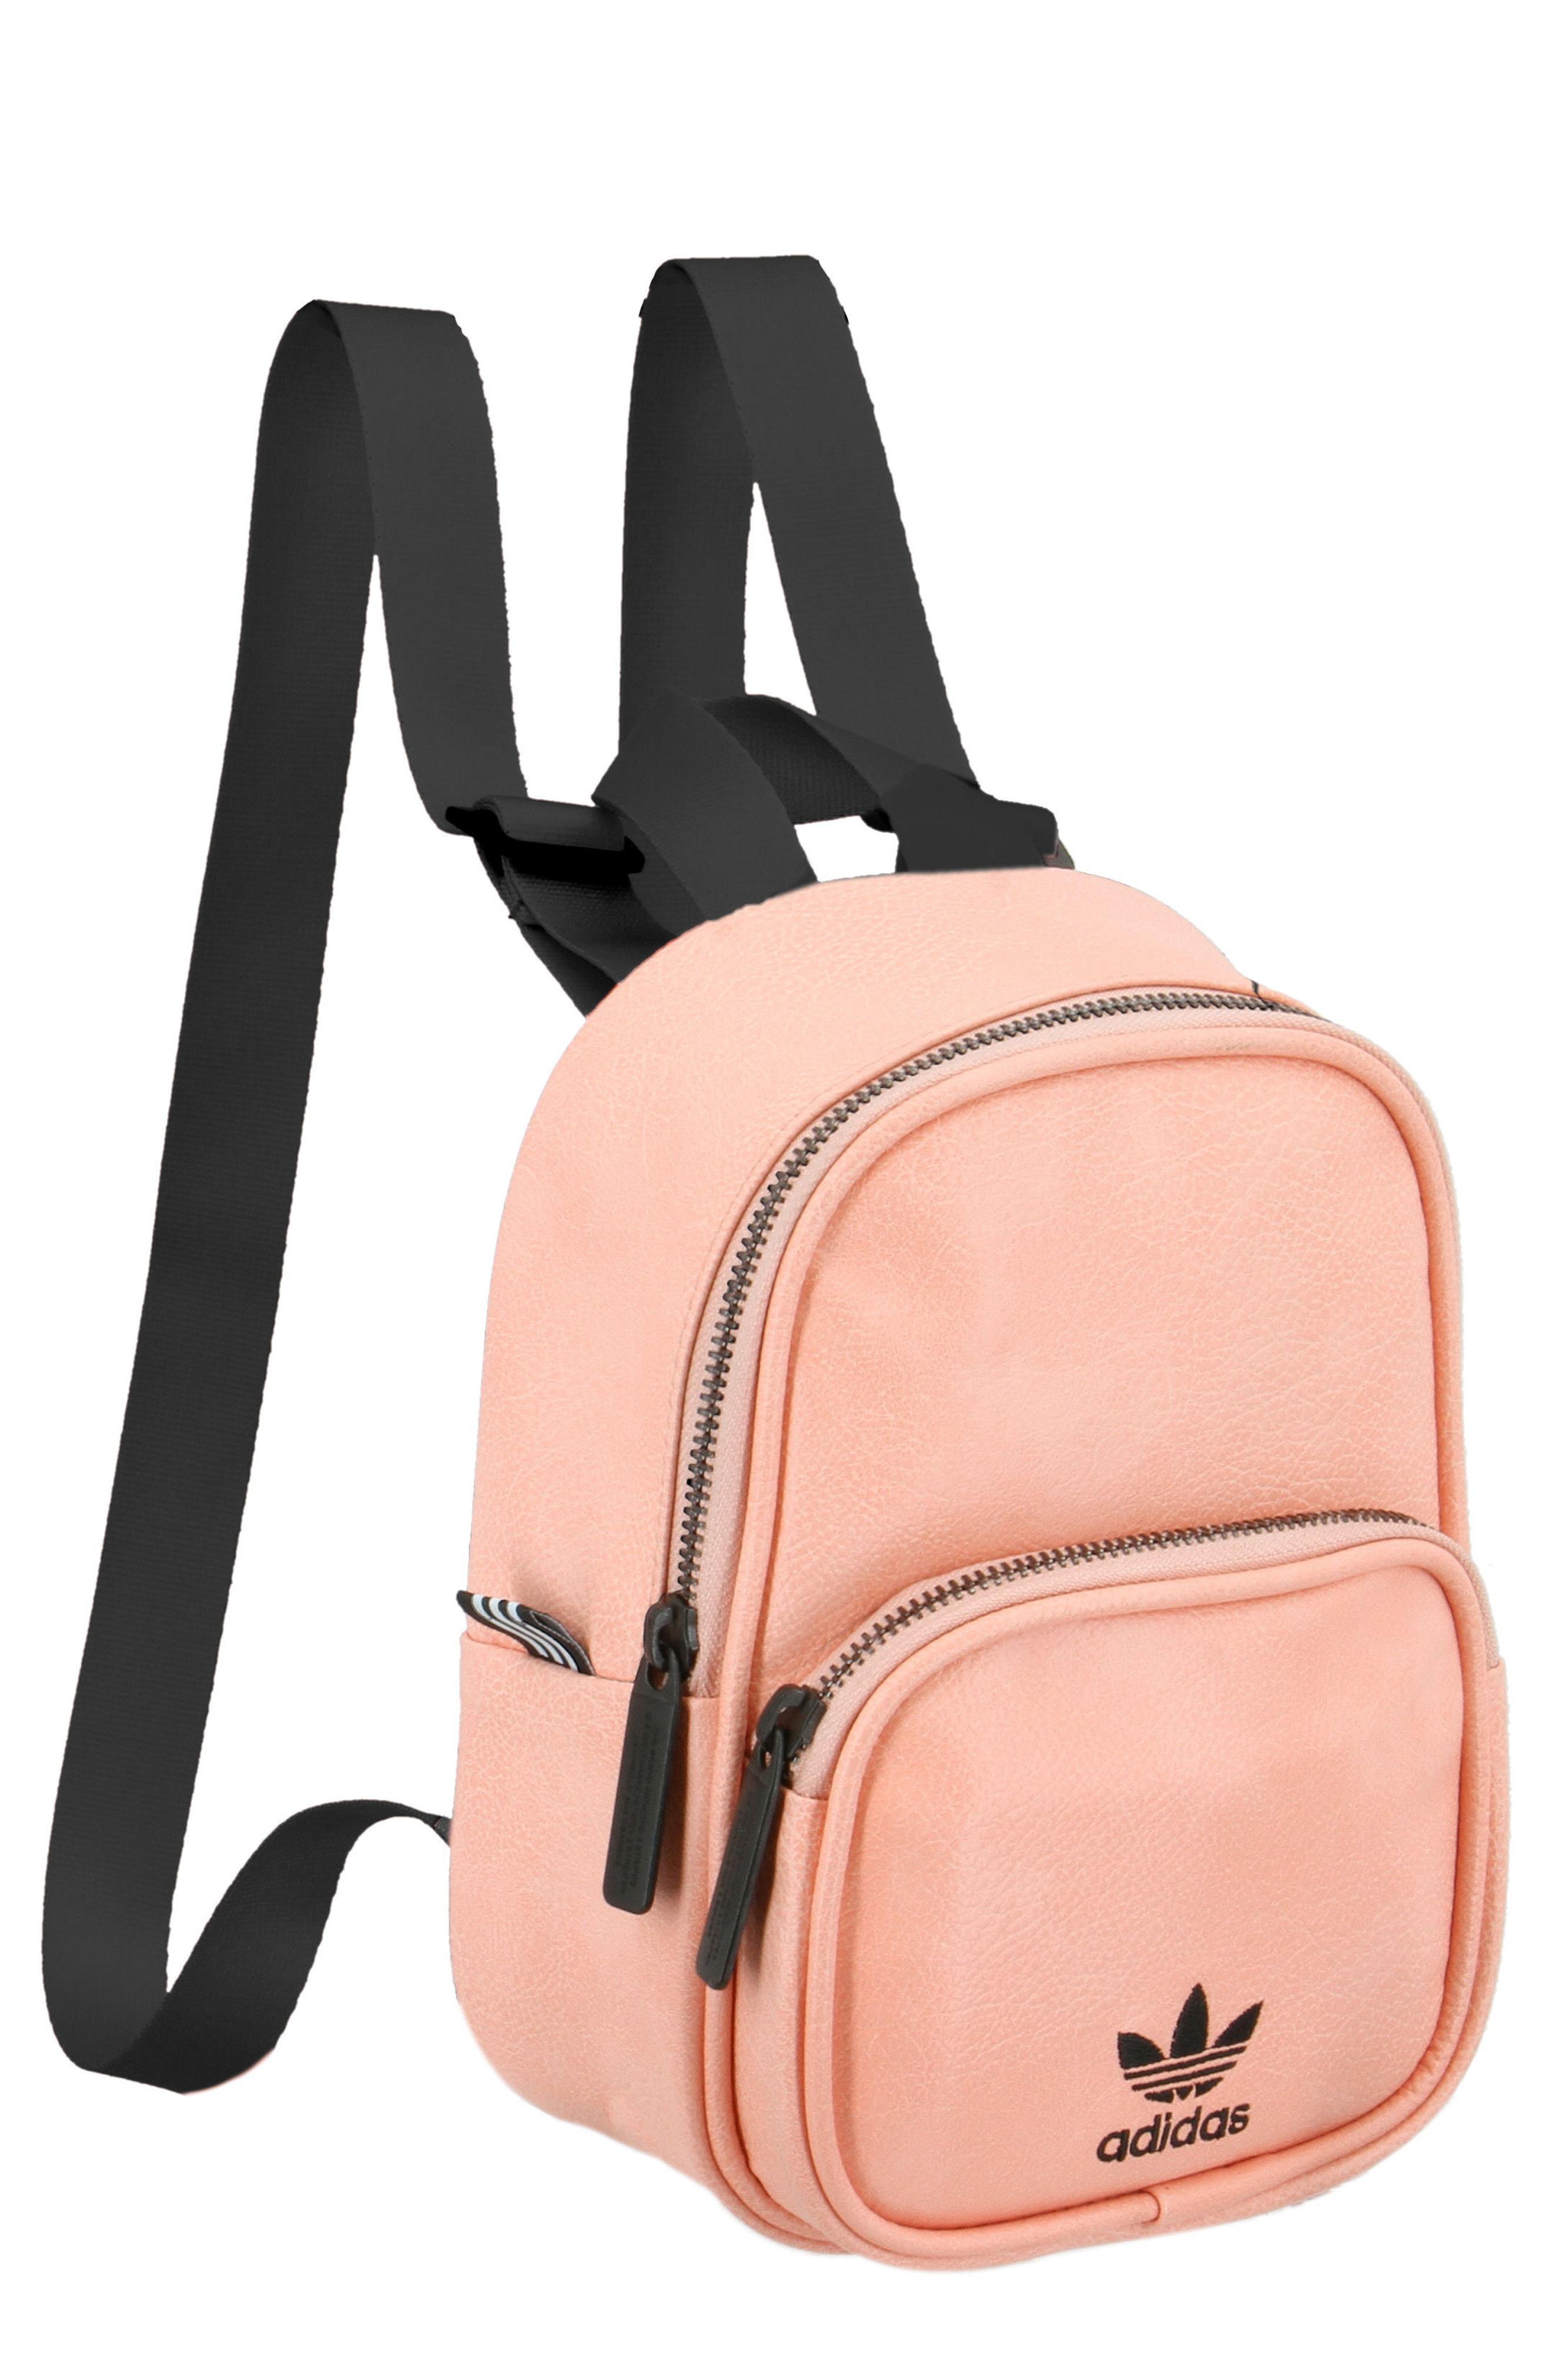 Lyst - adidas Originals Mini Backpack in Pink 55403de11e540